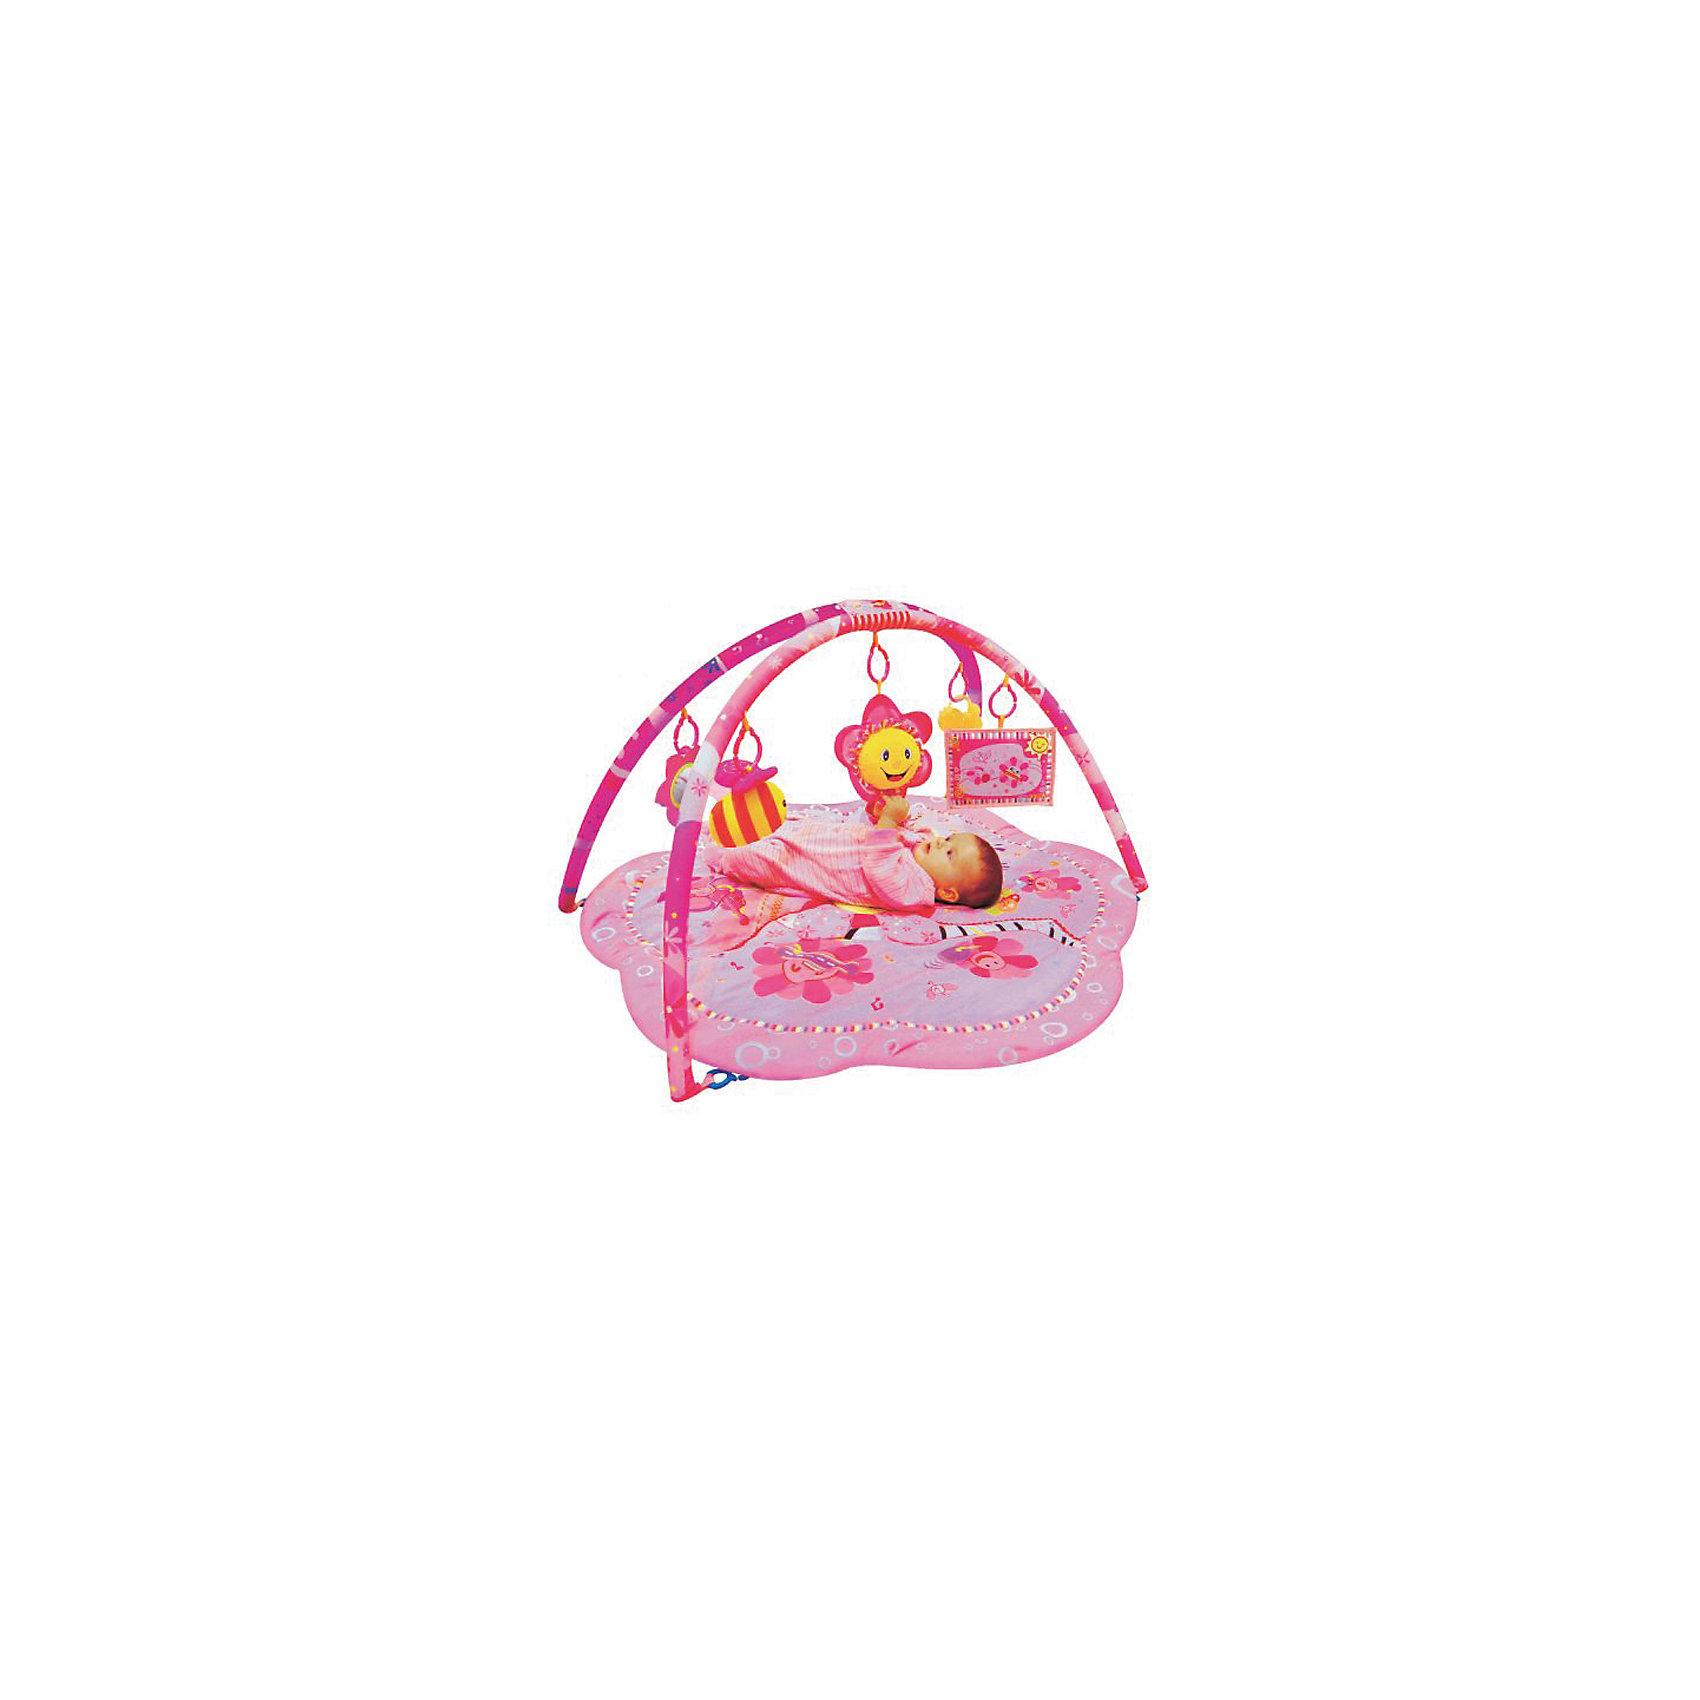 Развивающий коврик Цветочки, ЖирафикиРазвивающий коврик – идеальное место для игры малыша и просто провождении времени вне сна. Коврик сам по себе – развивающая игрушка с множеством интересных и разнообразных деталей. Погремушки, пищалки, зеркальца, звуковые и световые эффекты сделают коврик любимой игрушкой ребенка. Коврик развивает воображение, улучшает координацию и мелкую моторику ребенка. Материалы, использованные при изготовлении товара, абсолютно безопасны и отвечают всем международным требованиям по качеству.<br><br>Дополнительные характеристики:<br><br>материал: текстиль, пластик;<br>цвет: розовый;<br>возраст: 0-12 месяцев;<br>габариты: 59 X 7 X 54 см.<br><br>Развивающий коврик Цветочки от компании Жирафики можно приобрести в нашем магазине.<br><br>Ширина мм: 610<br>Глубина мм: 560<br>Высота мм: 380<br>Вес г: 1067<br>Возраст от месяцев: 3<br>Возраст до месяцев: 36<br>Пол: Унисекс<br>Возраст: Детский<br>SKU: 5032540